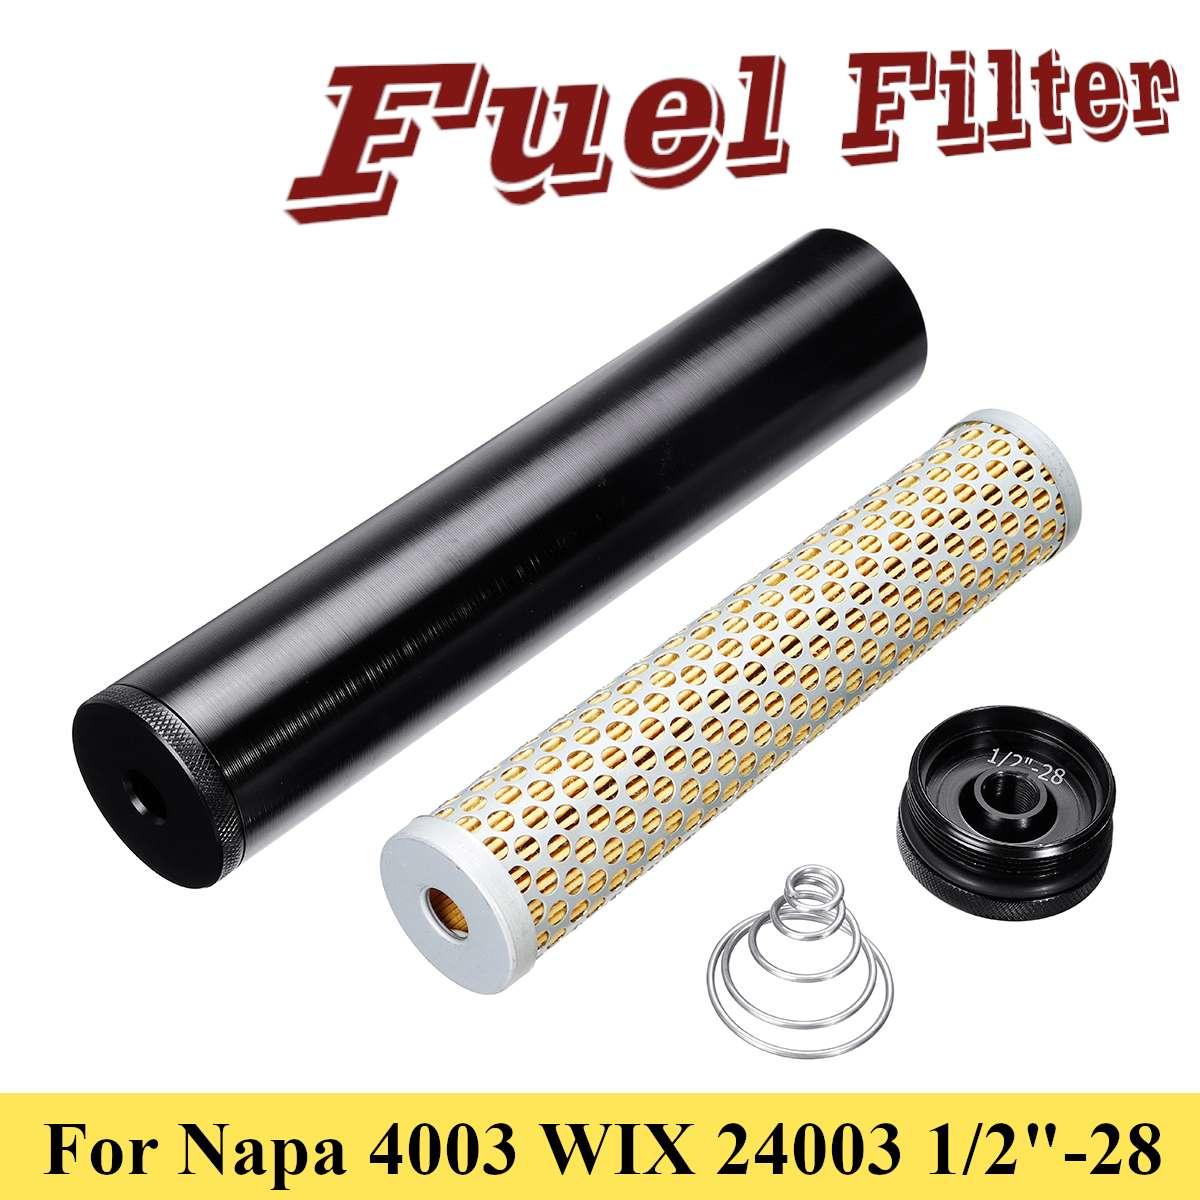 автомобиль Turbo воздуха масла топлива бензиновые фильтры фильтр для напа 4003 Wix 24003 топливный